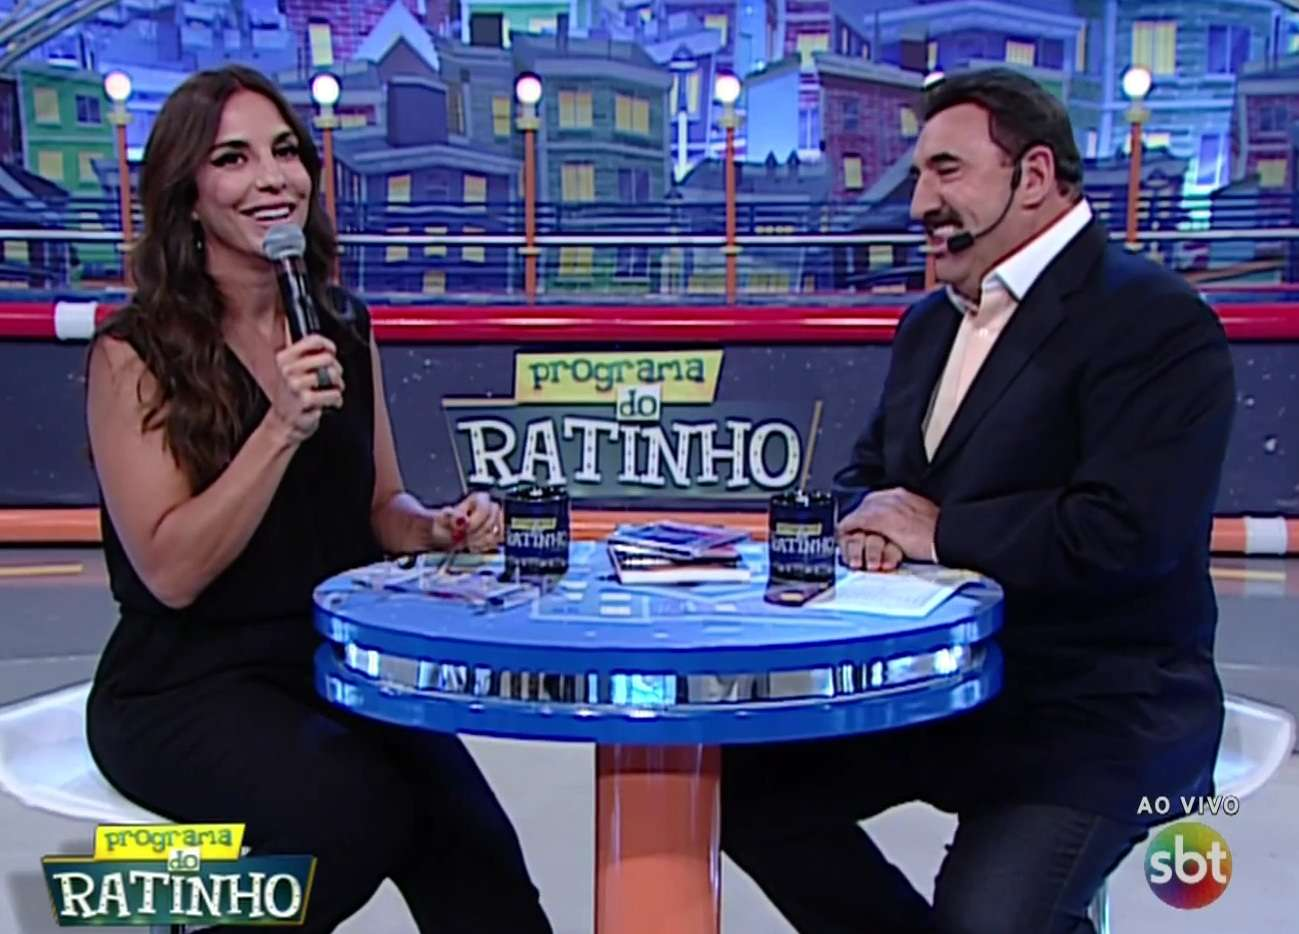 Ivete Sangalo deu bronca em Ratinho após criticas do apresentador à Claudia Leitte Foto: SBT / Reprodução